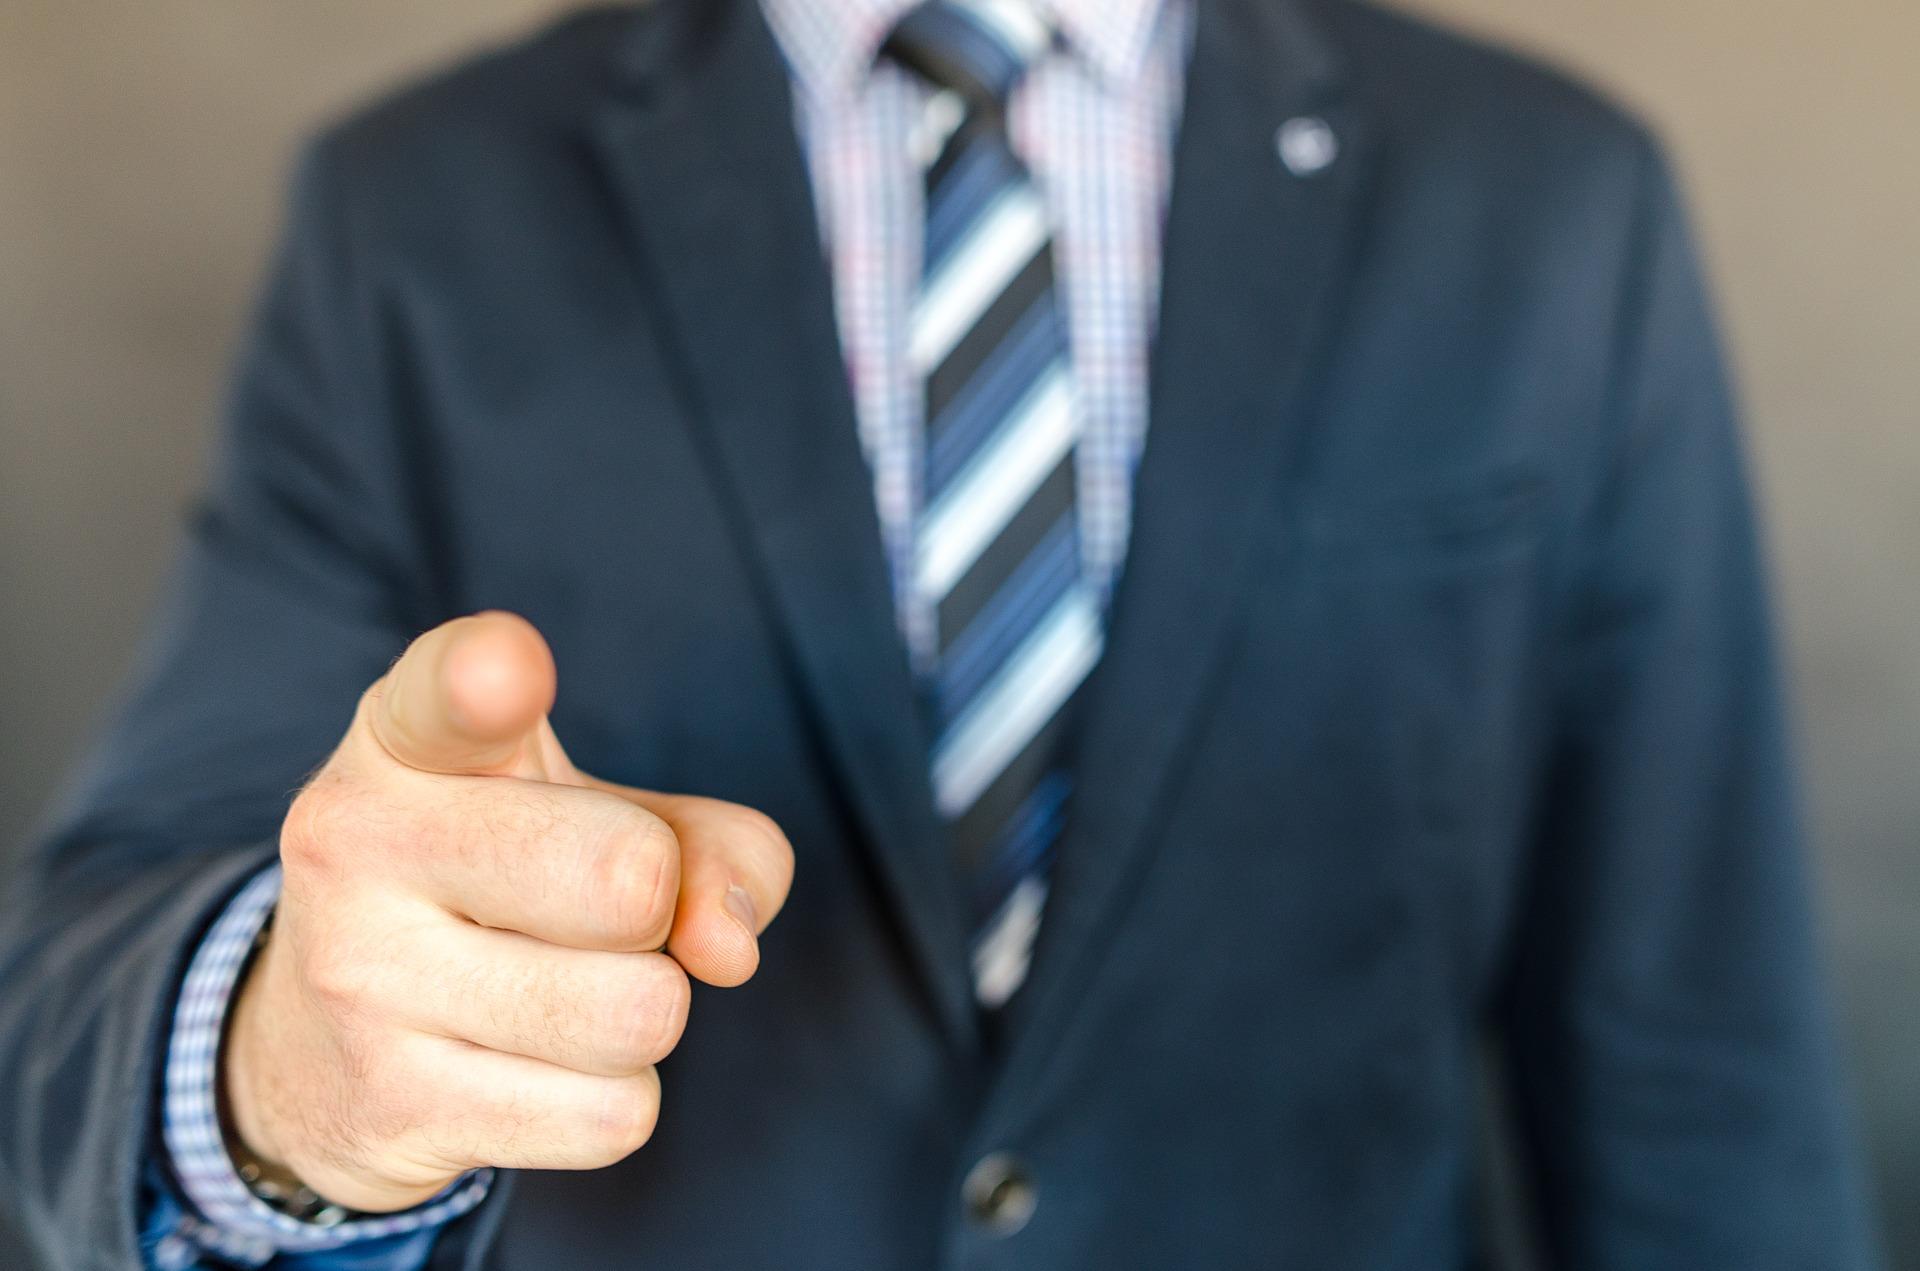 הכוונה מקצועית – לראות איך לבחור את העתיד